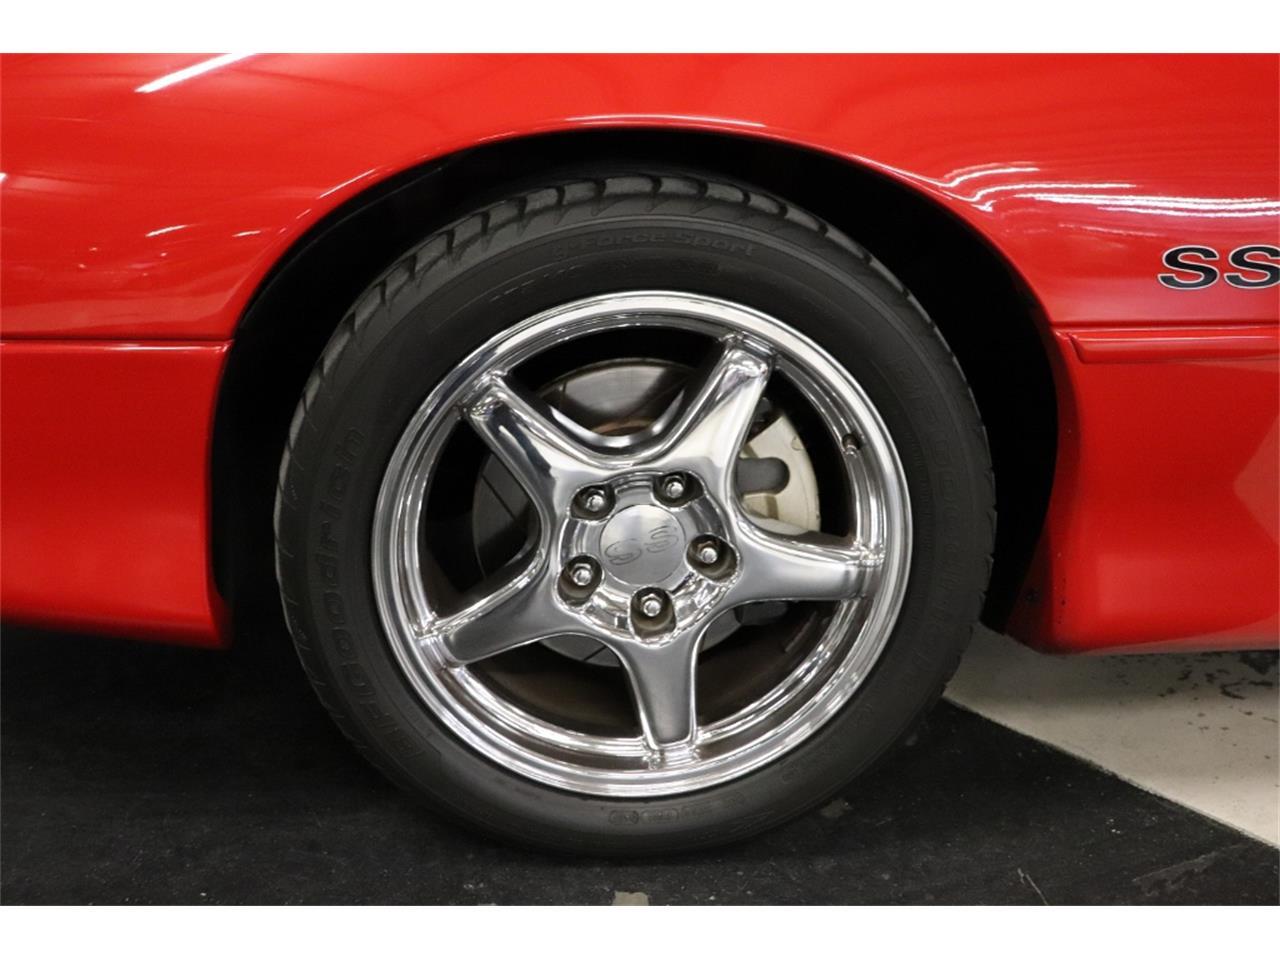 2002 Chevrolet Camaro SS (CC-1335368) for sale in Lillington, North Carolina